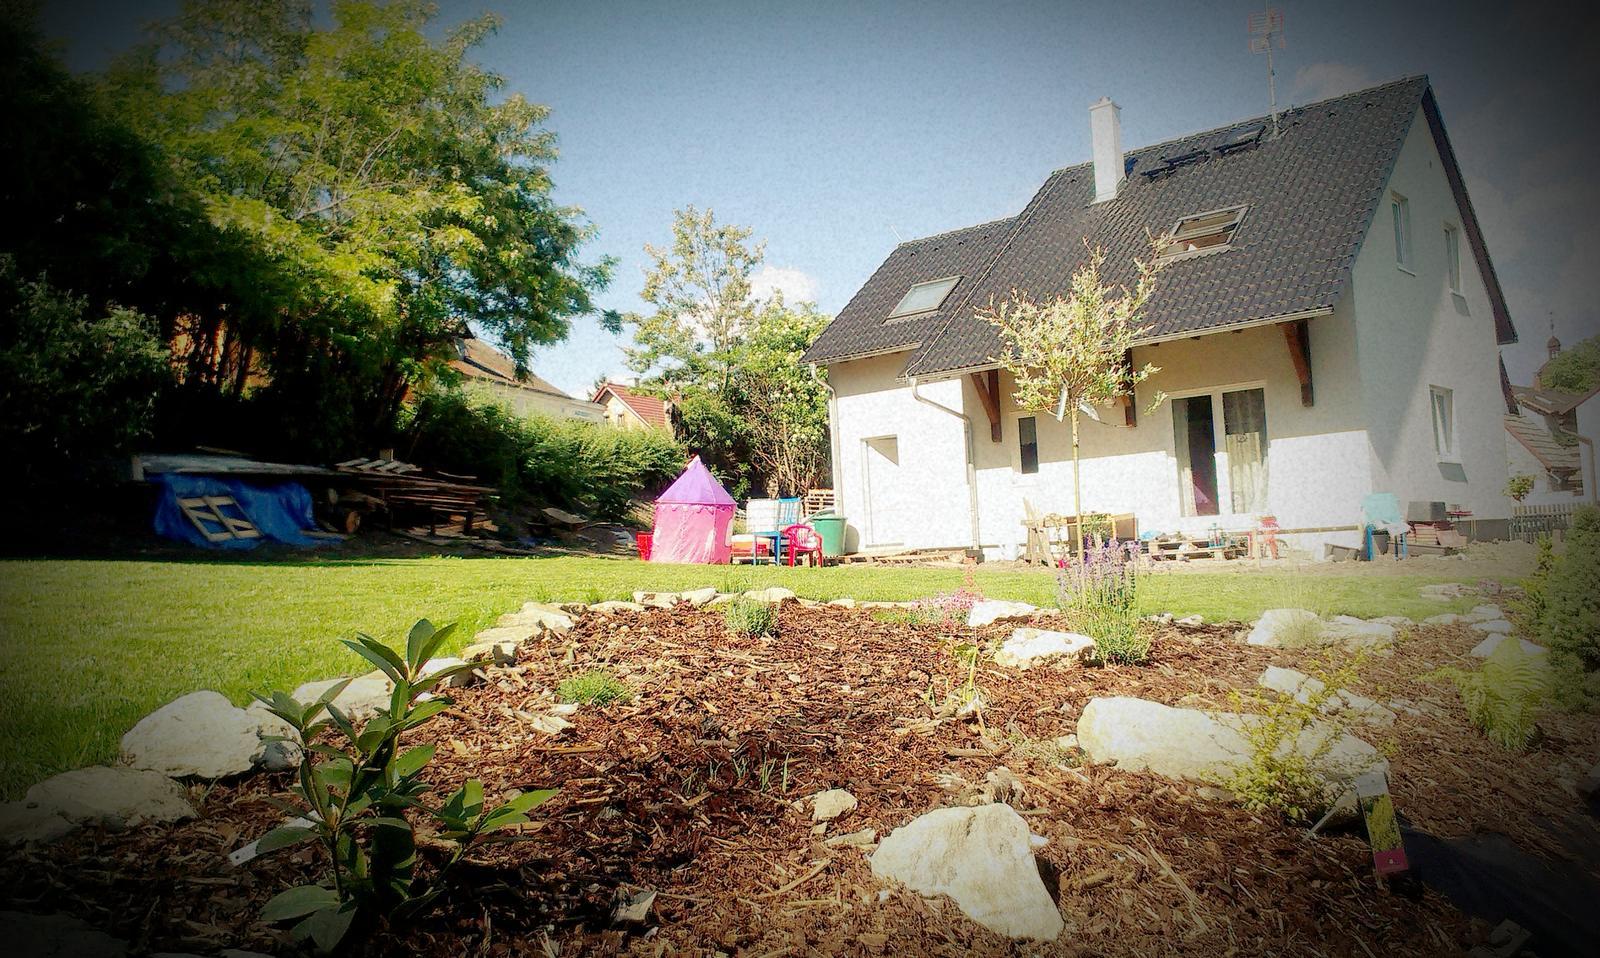 Záhrada - ja viem, zas fotím ten trávnik ale keď mi sa ho nevieme nabažiť....panelákove deti v dome :-)))